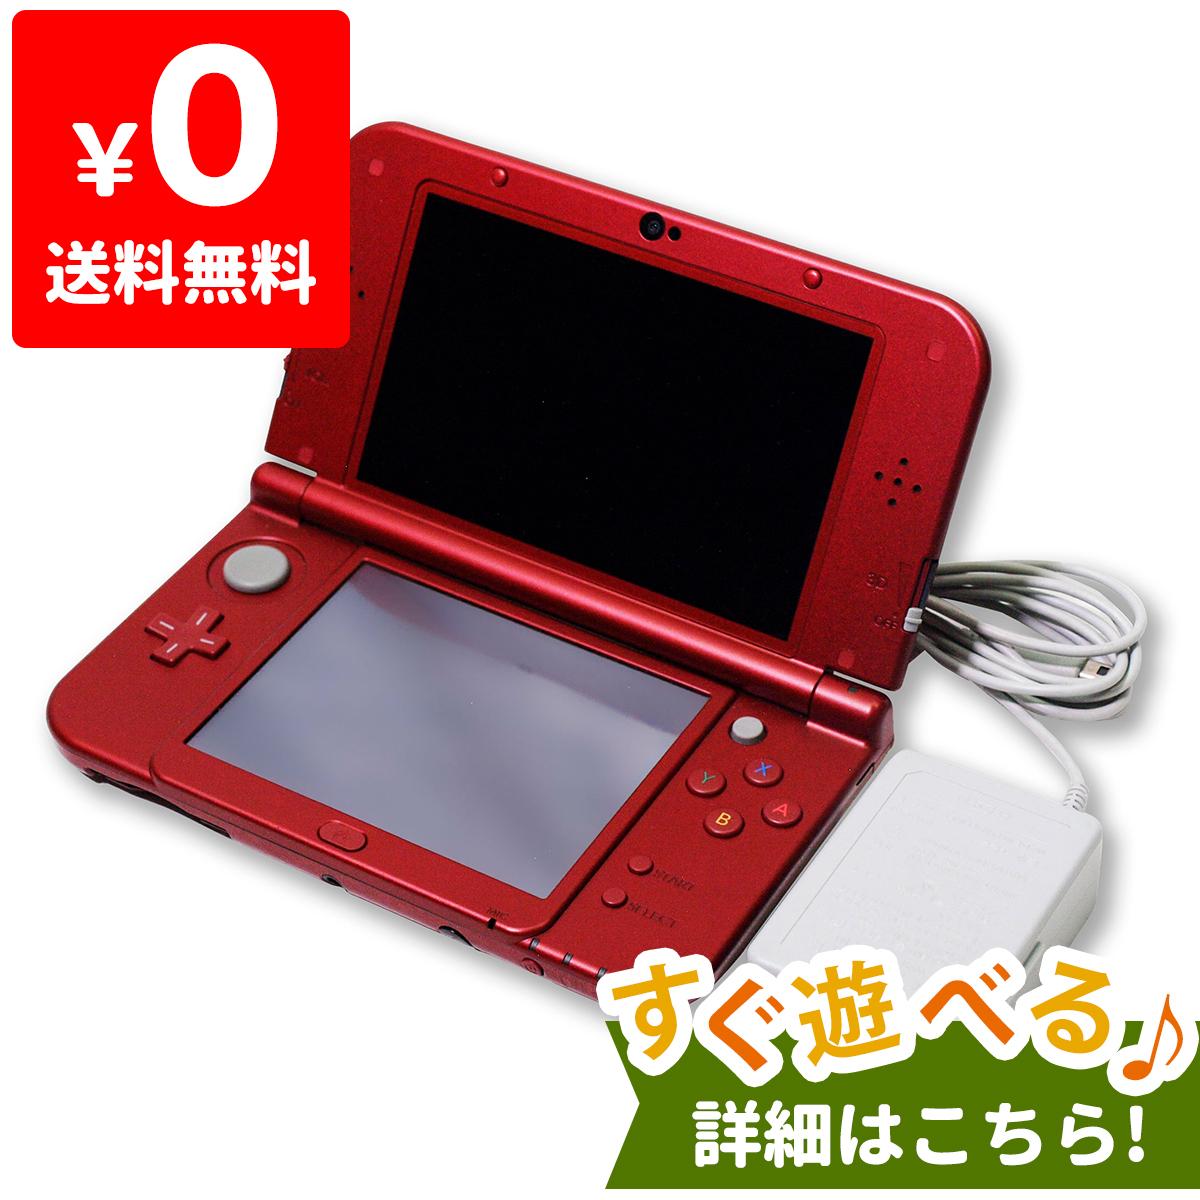 New3DSLL Newニンテンドー3DS LL メタリックレッド(RED-S-RAAA) 本体 すぐ遊べるセット Nintendo 任天堂 ニンテンドー 中古 4902370529883 送料無料 【中古】